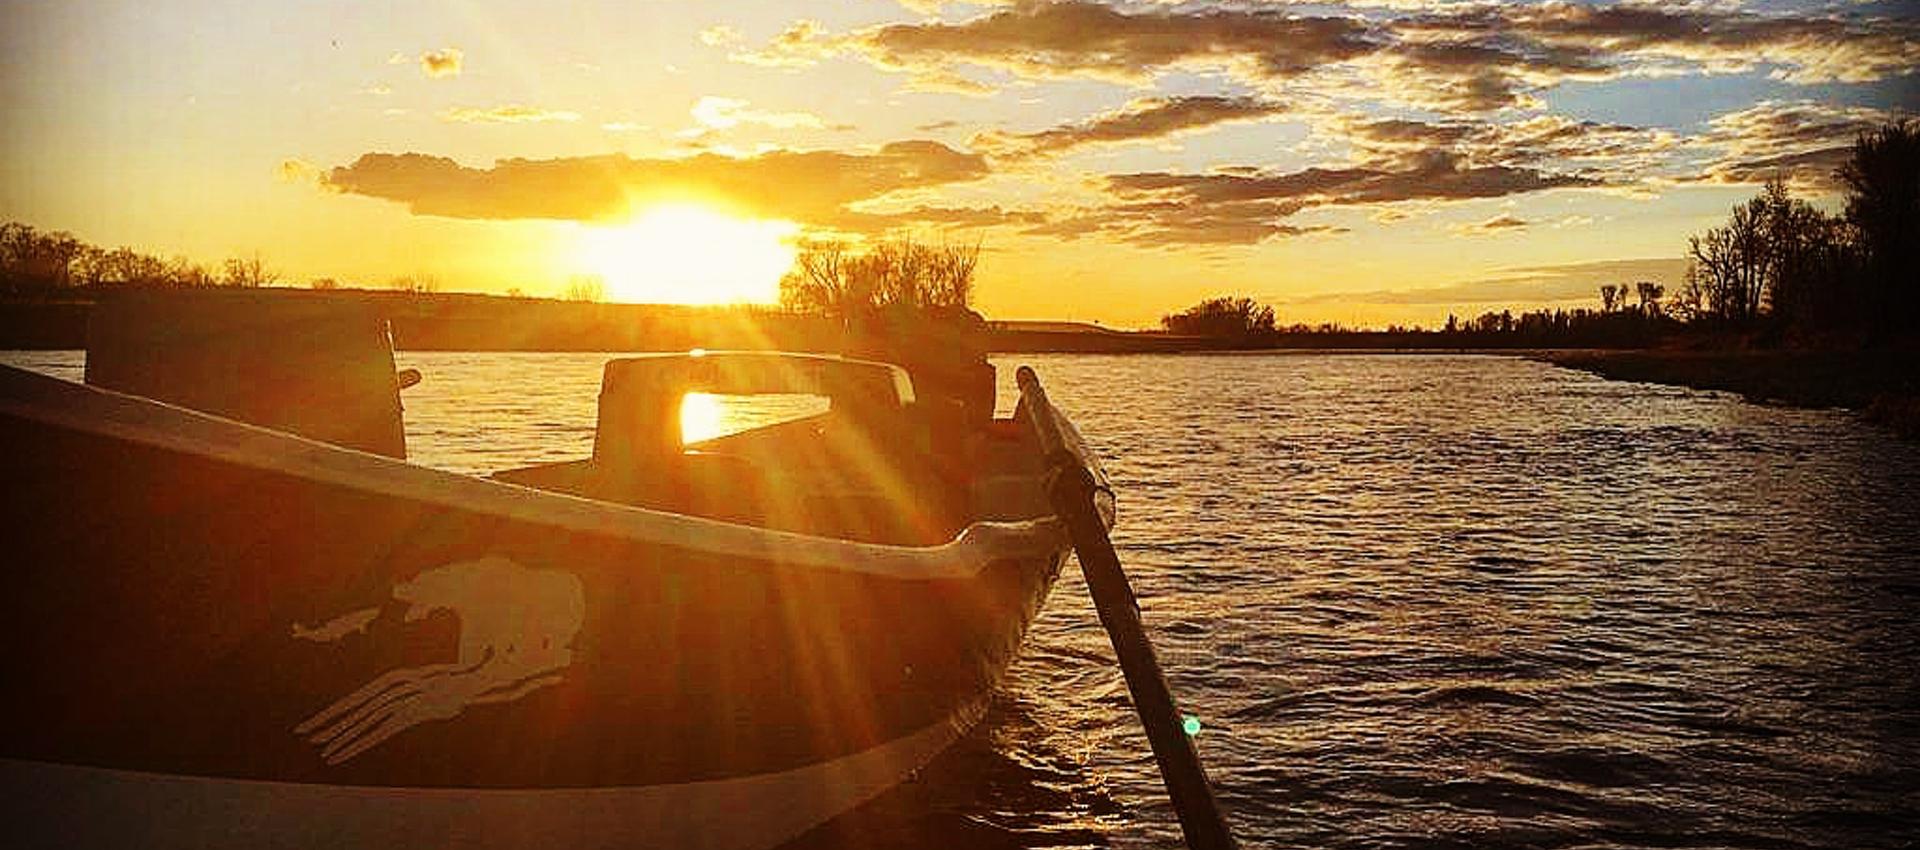 Drift Boat 1.jpg